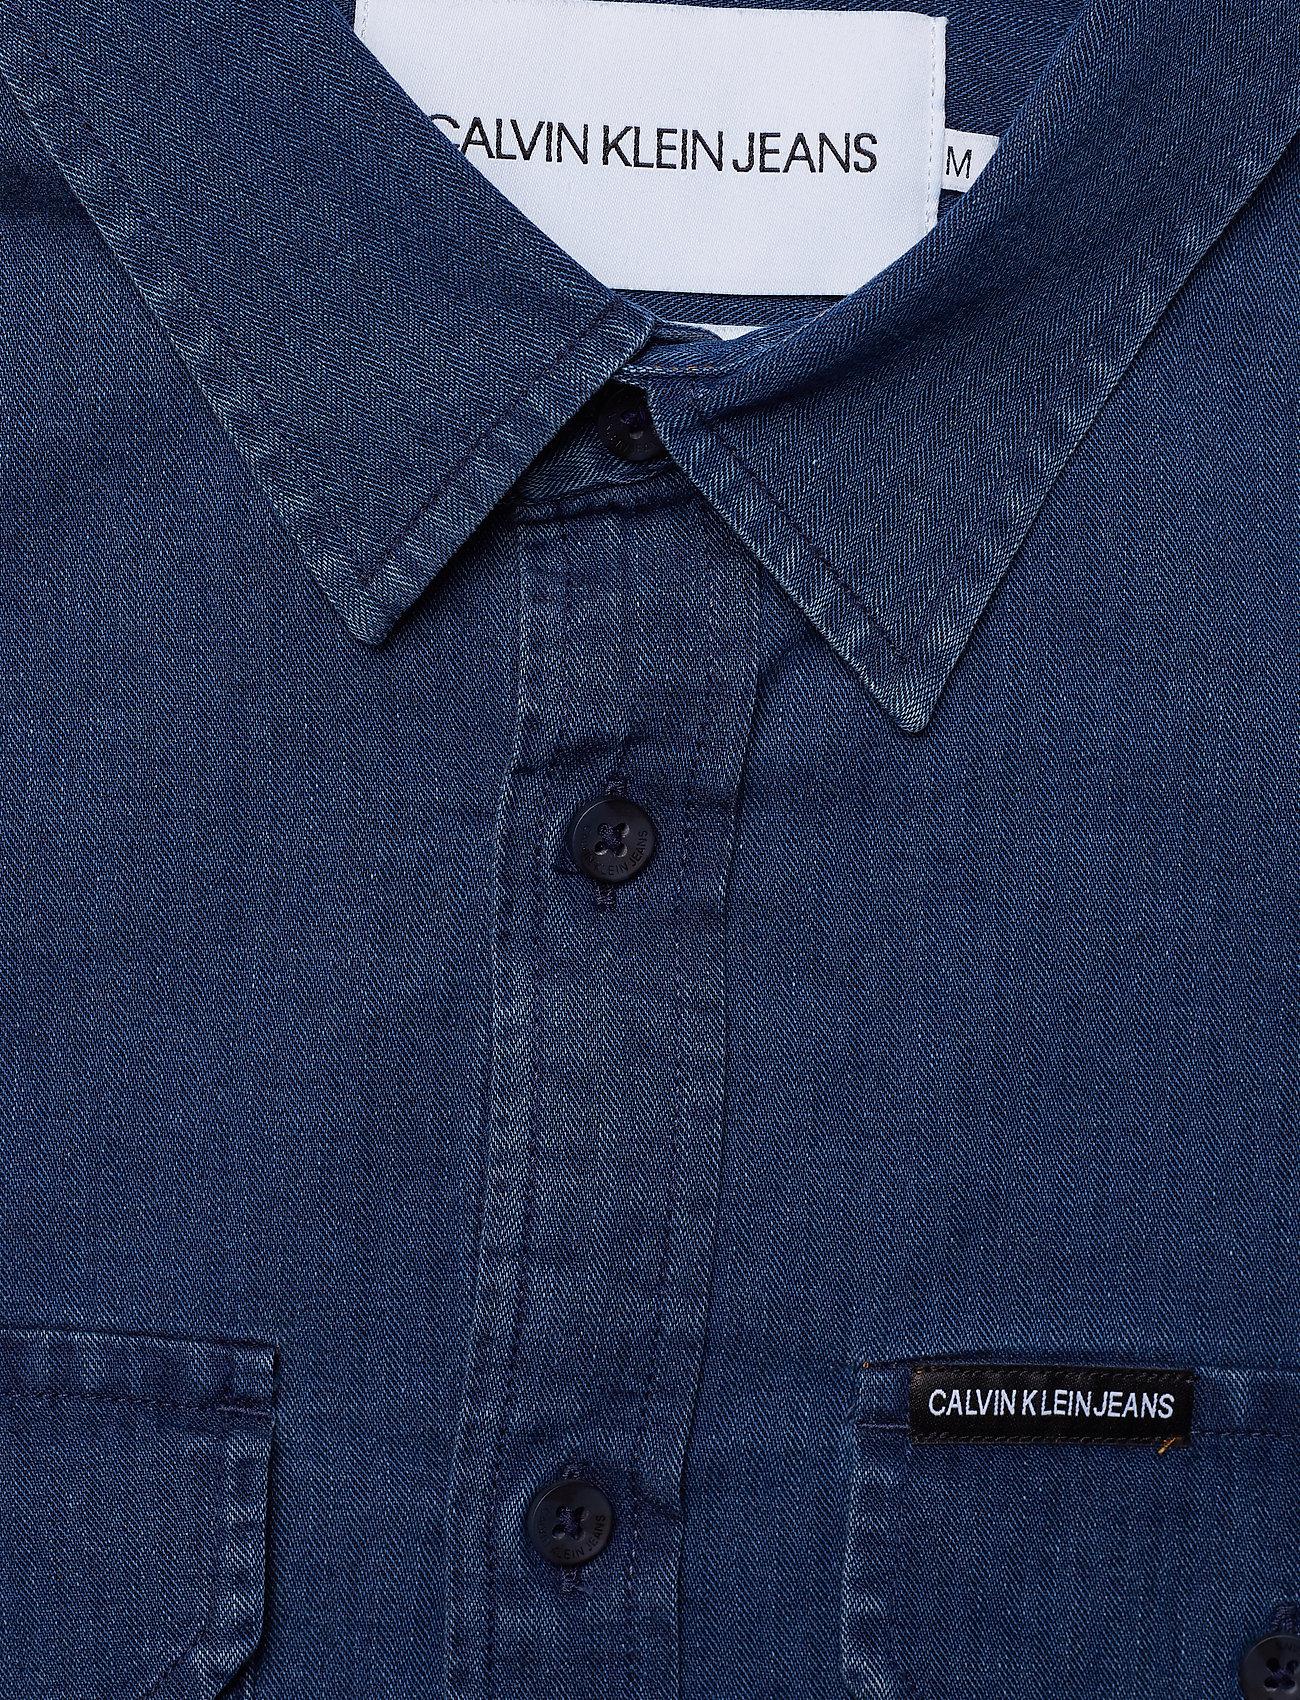 Ls ShirtindigoCalvin ShirtindigoCalvin Ls Jeans Herrigbone Herrigbone Klein 6ybfIv7gYm